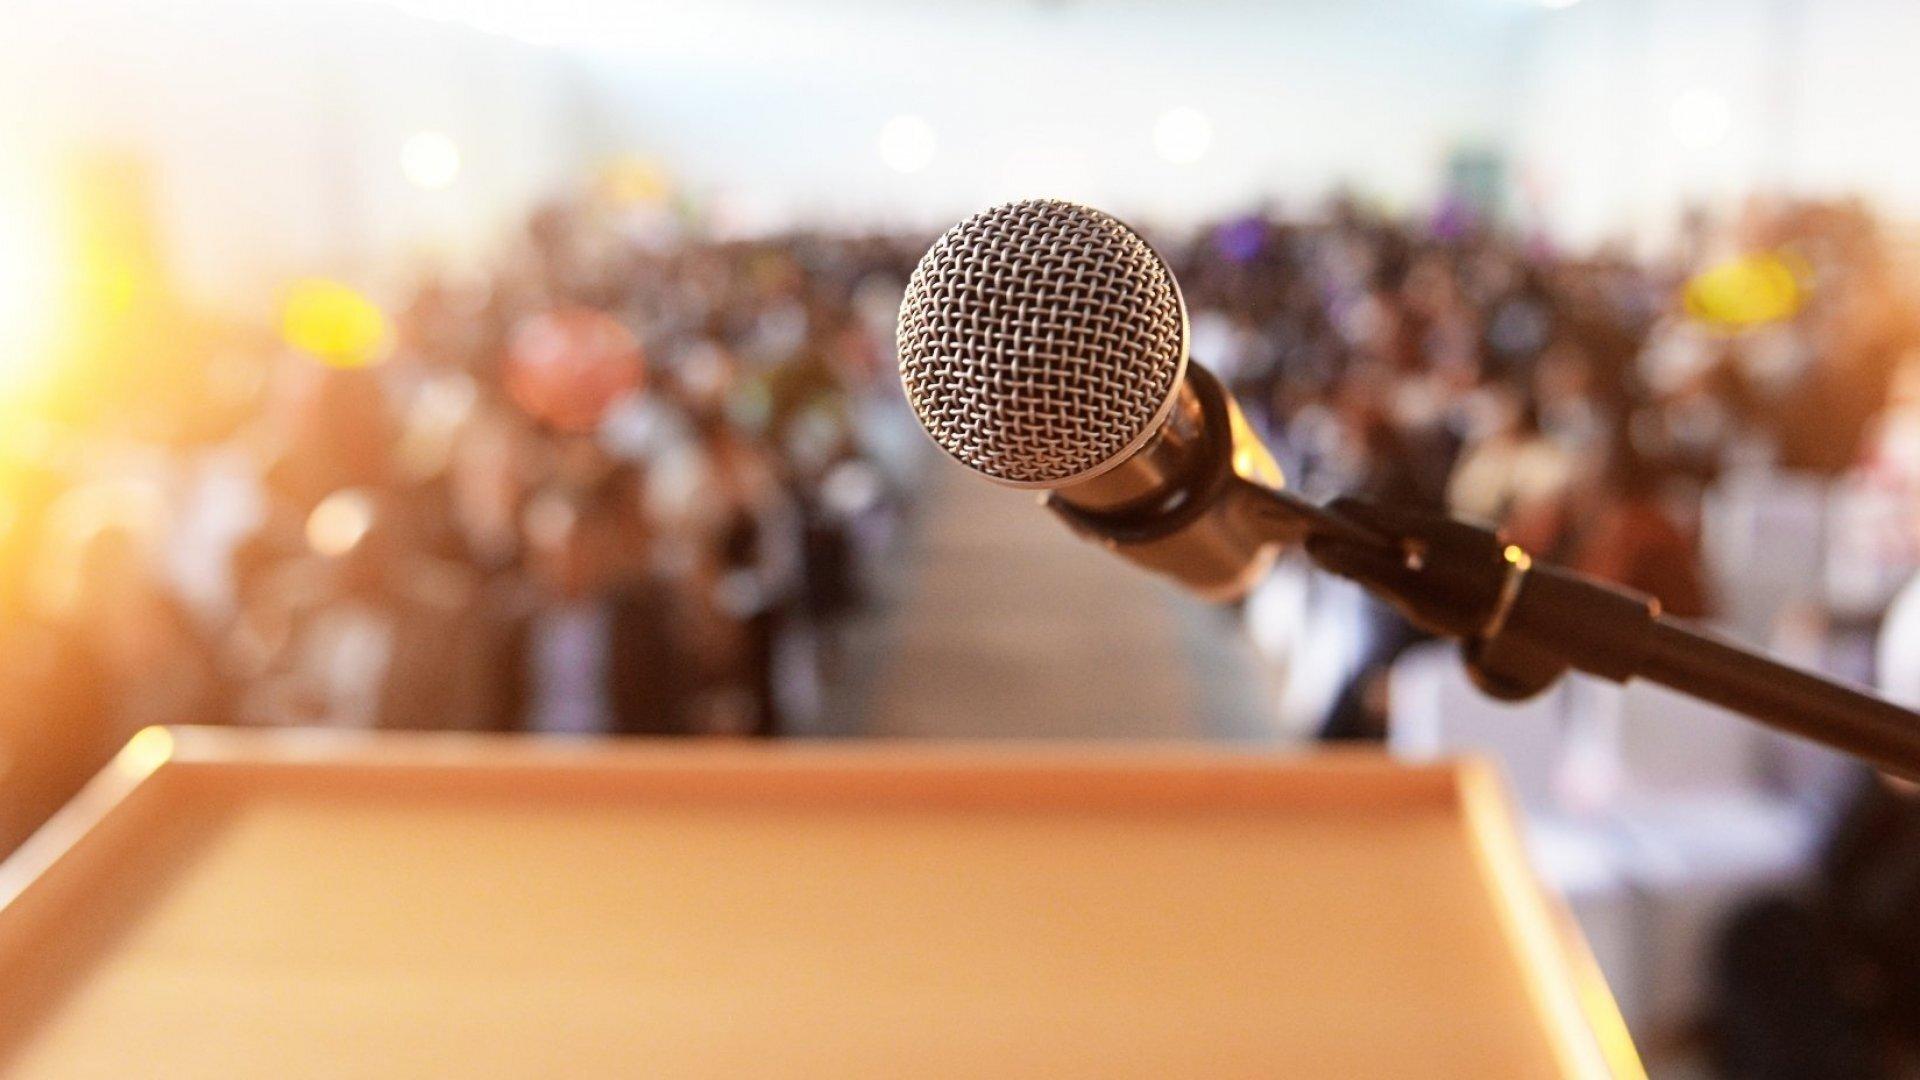 سخنرانی مؤثر در جمع: ۳ راه برای بهبود مهارتهای ارتباطی